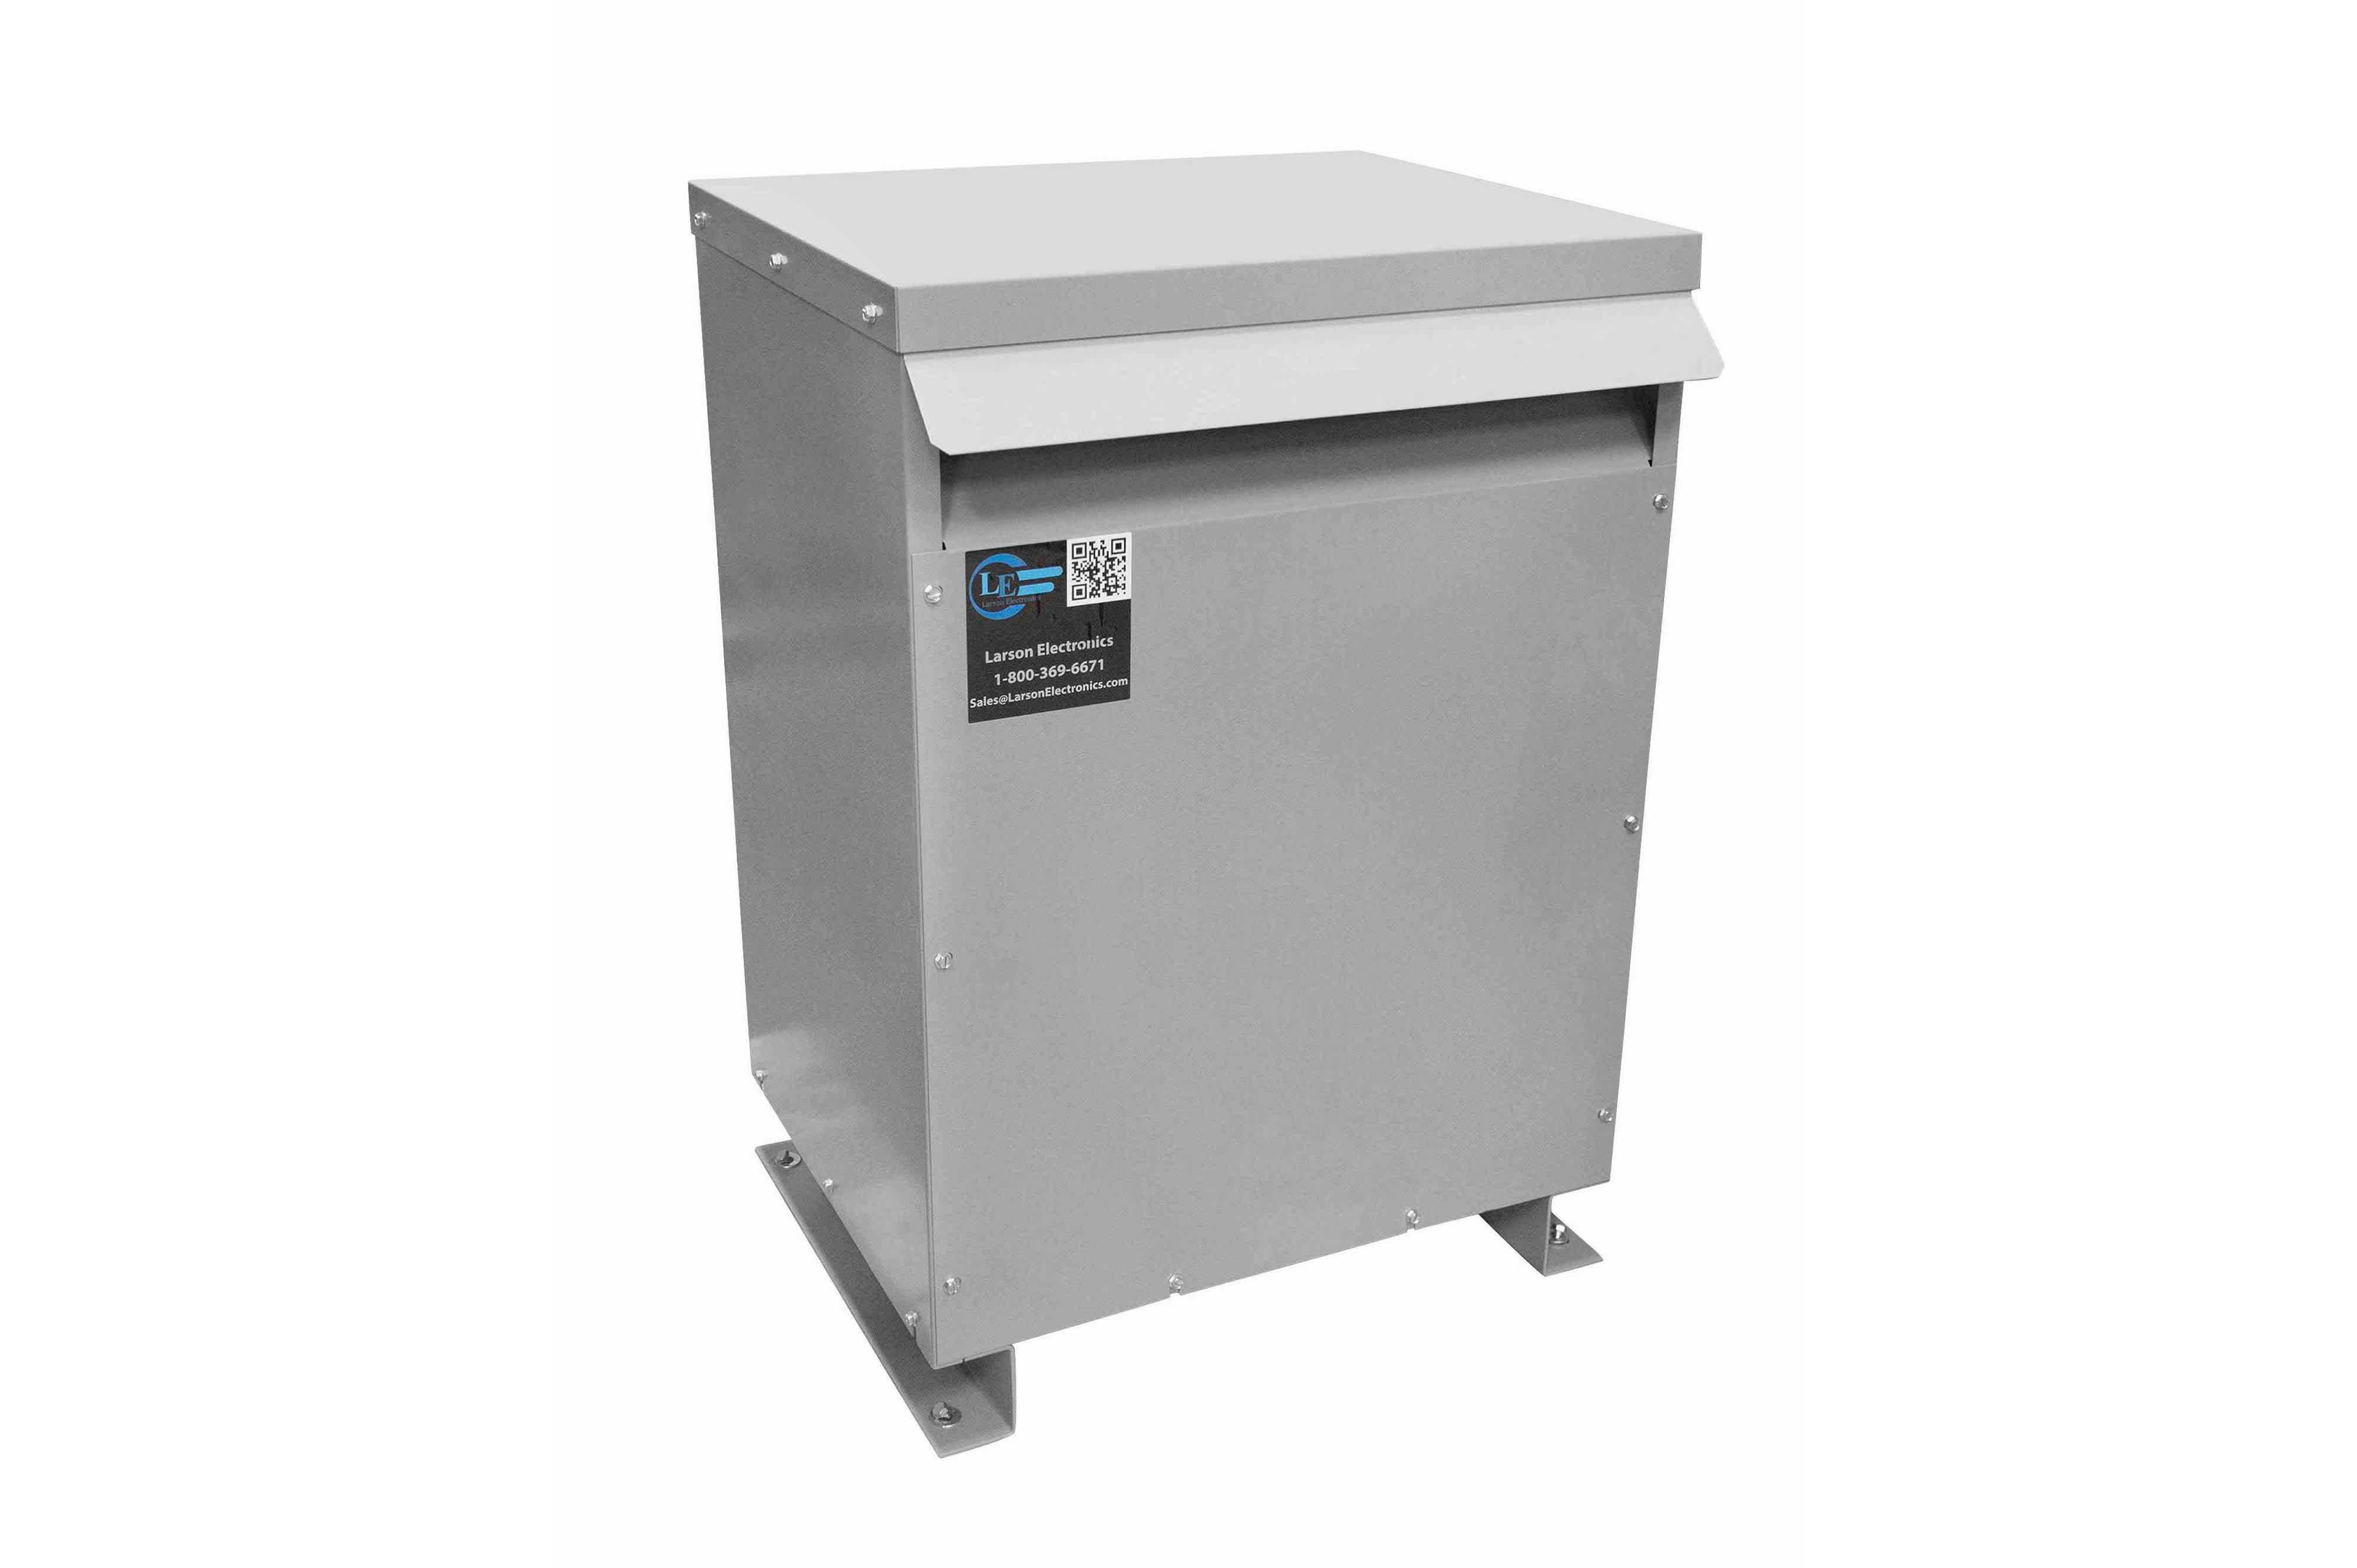 50 kVA 3PH Isolation Transformer, 400V Delta Primary, 240 Delta Secondary, N3R, Ventilated, 60 Hz